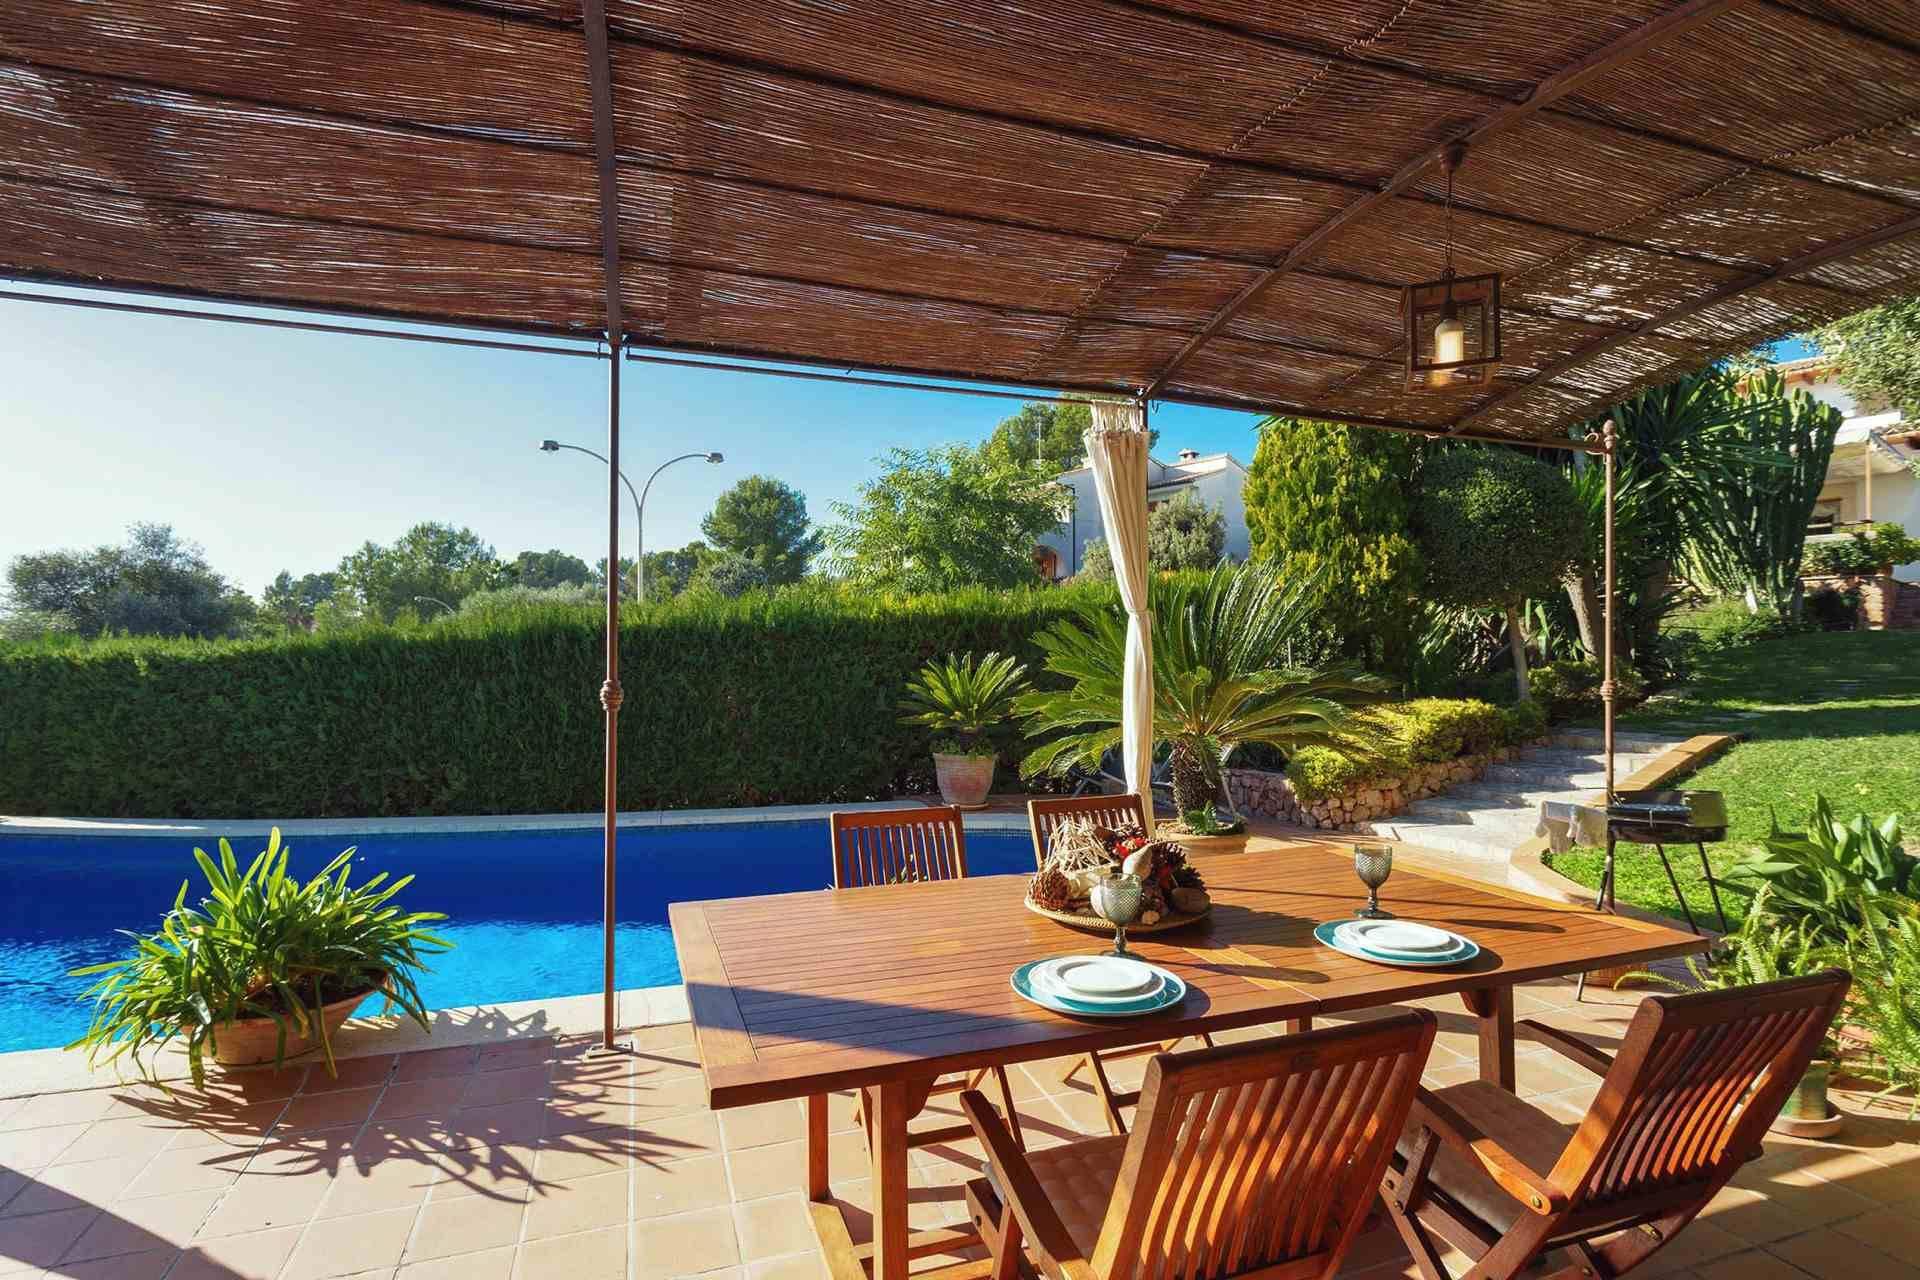 01-287 cozy Finca North Mallorca Bild 14